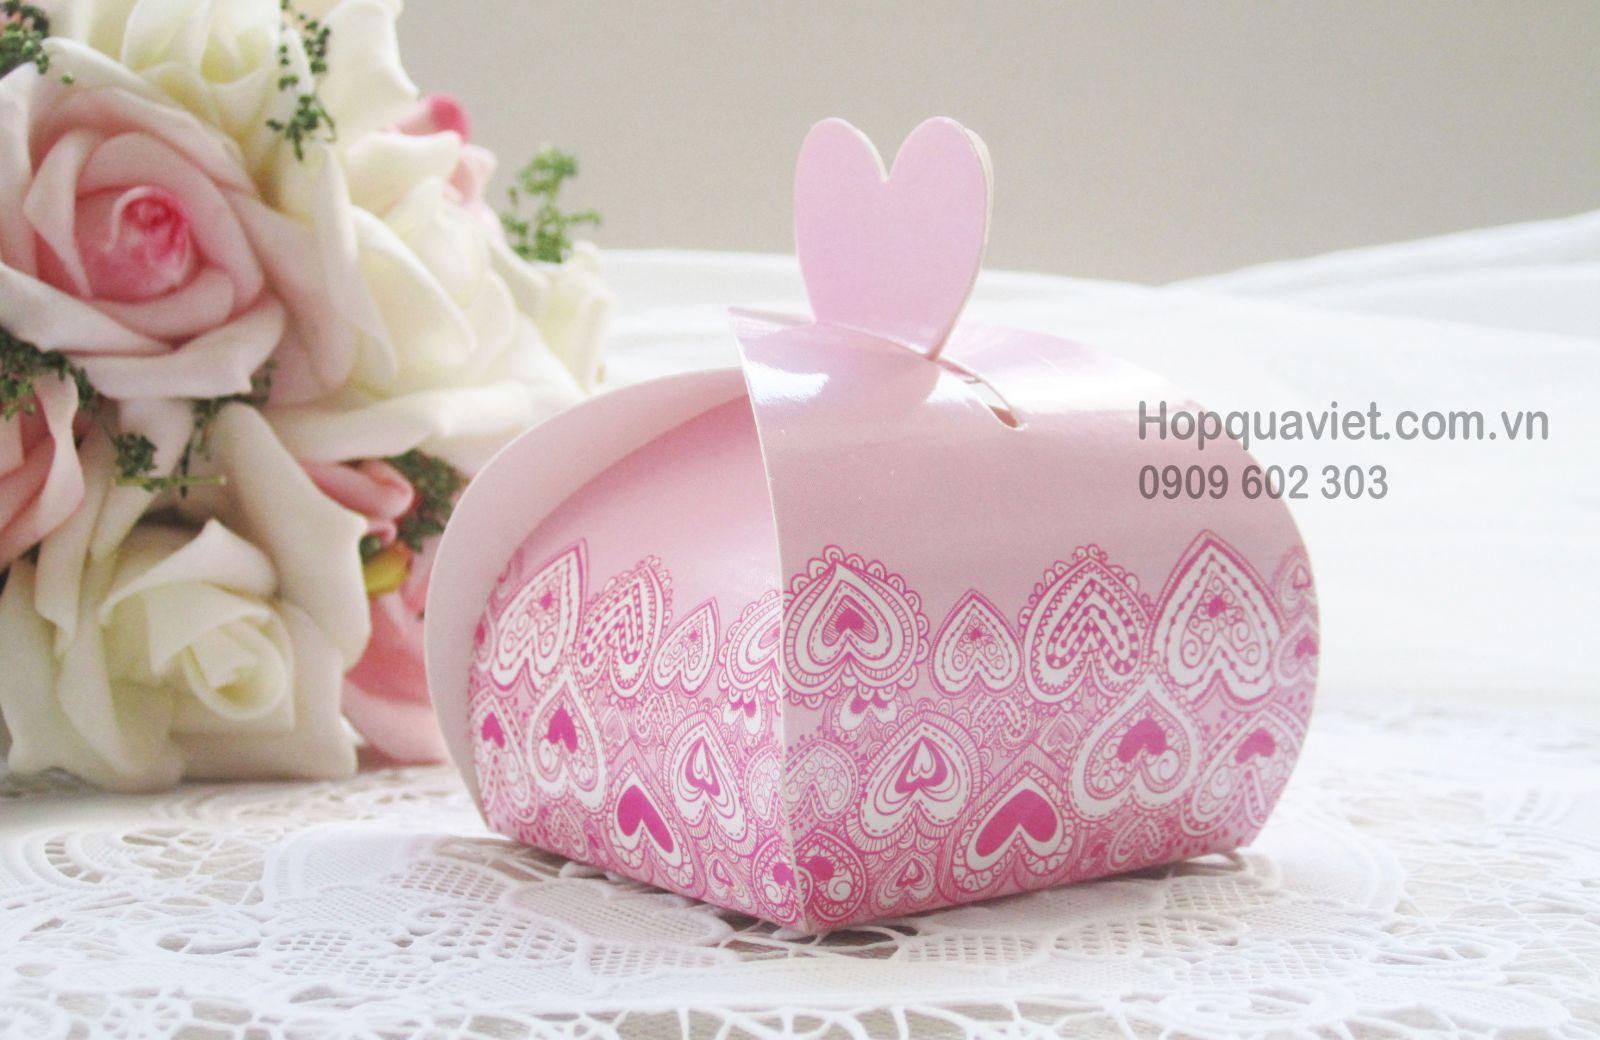 Hộp quà cưới tròn tim hồng 6H